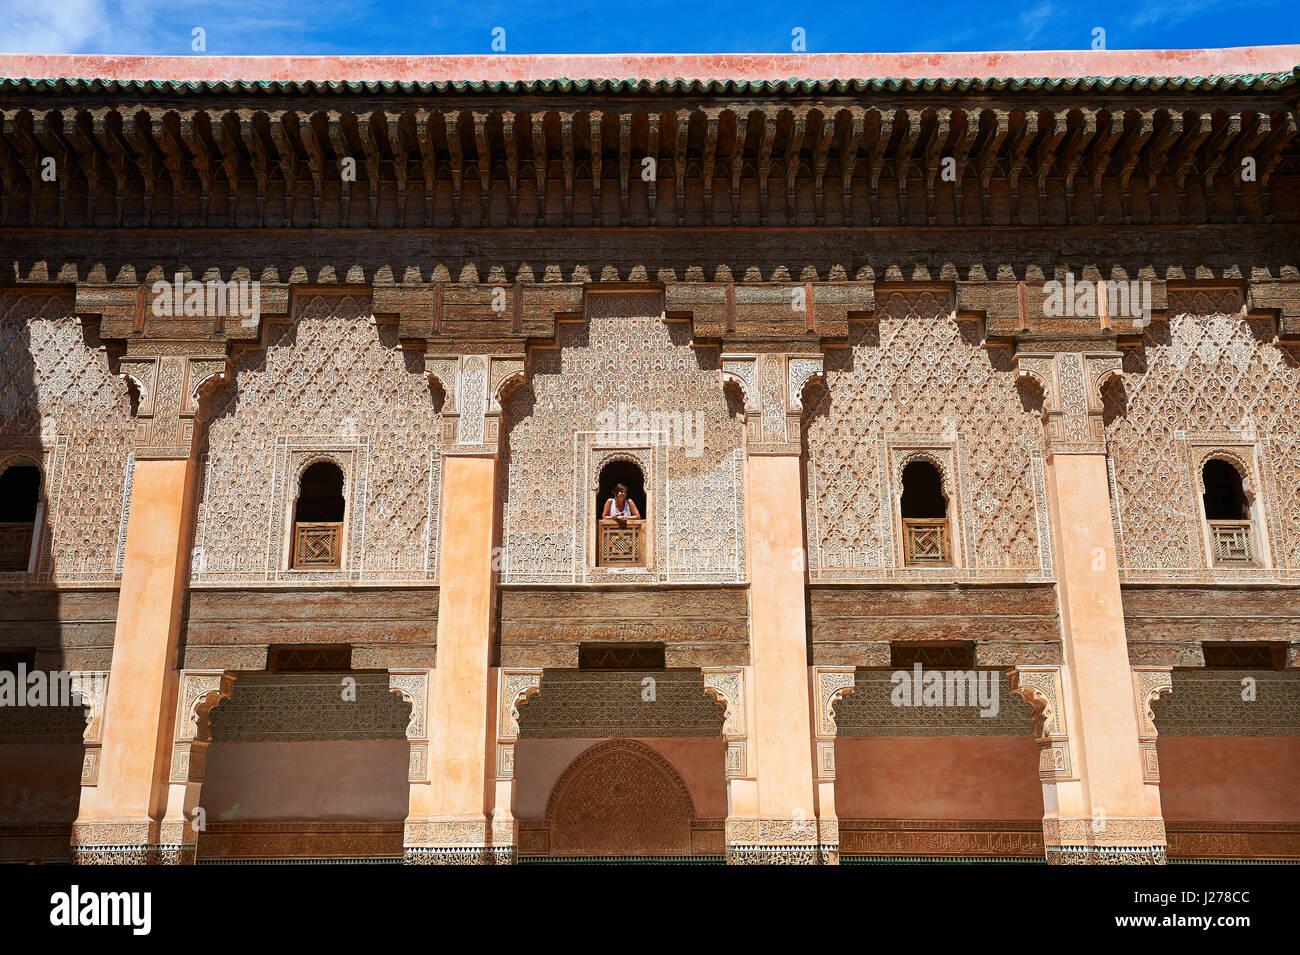 Berber arabesque Morcabe intonaco del XIV secolo Ben Youssef Madersa (islamica college) ri-costruito dal Sultano Immagini Stock